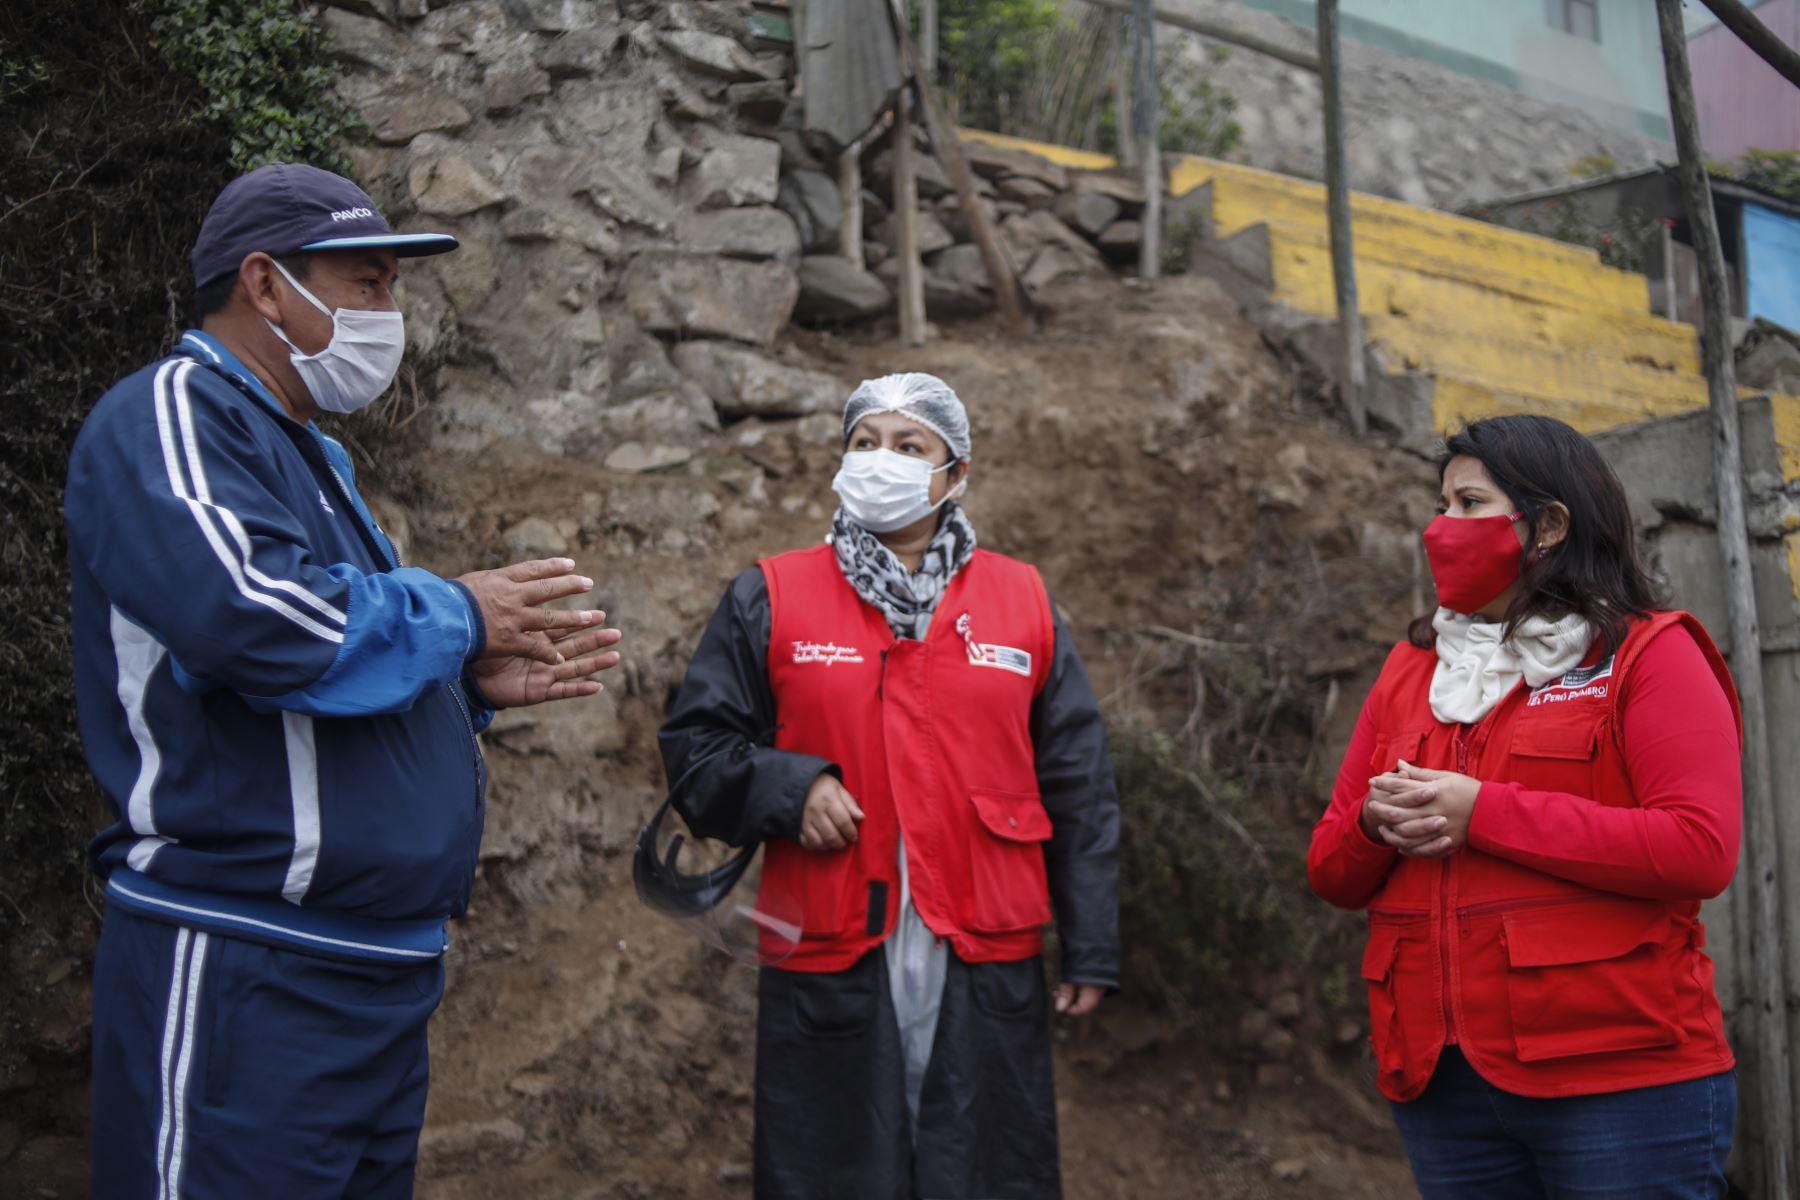 Los pedidos, por lo general, son el apoyo a sus organizaciones de ollas comunes que durante la pandemia se han incrementado. Foto: ANDINA/Renato Pajuelo